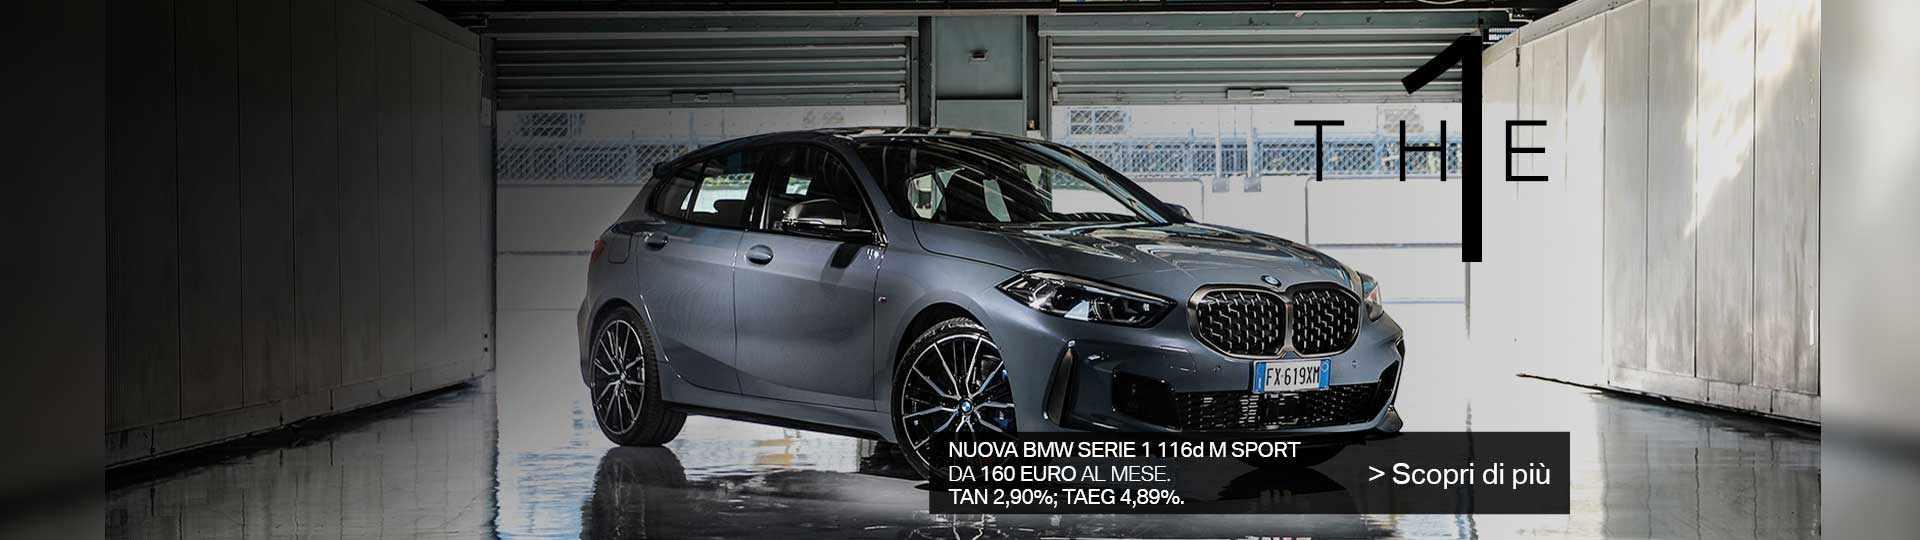 BMW-Serie-1-min.jpg